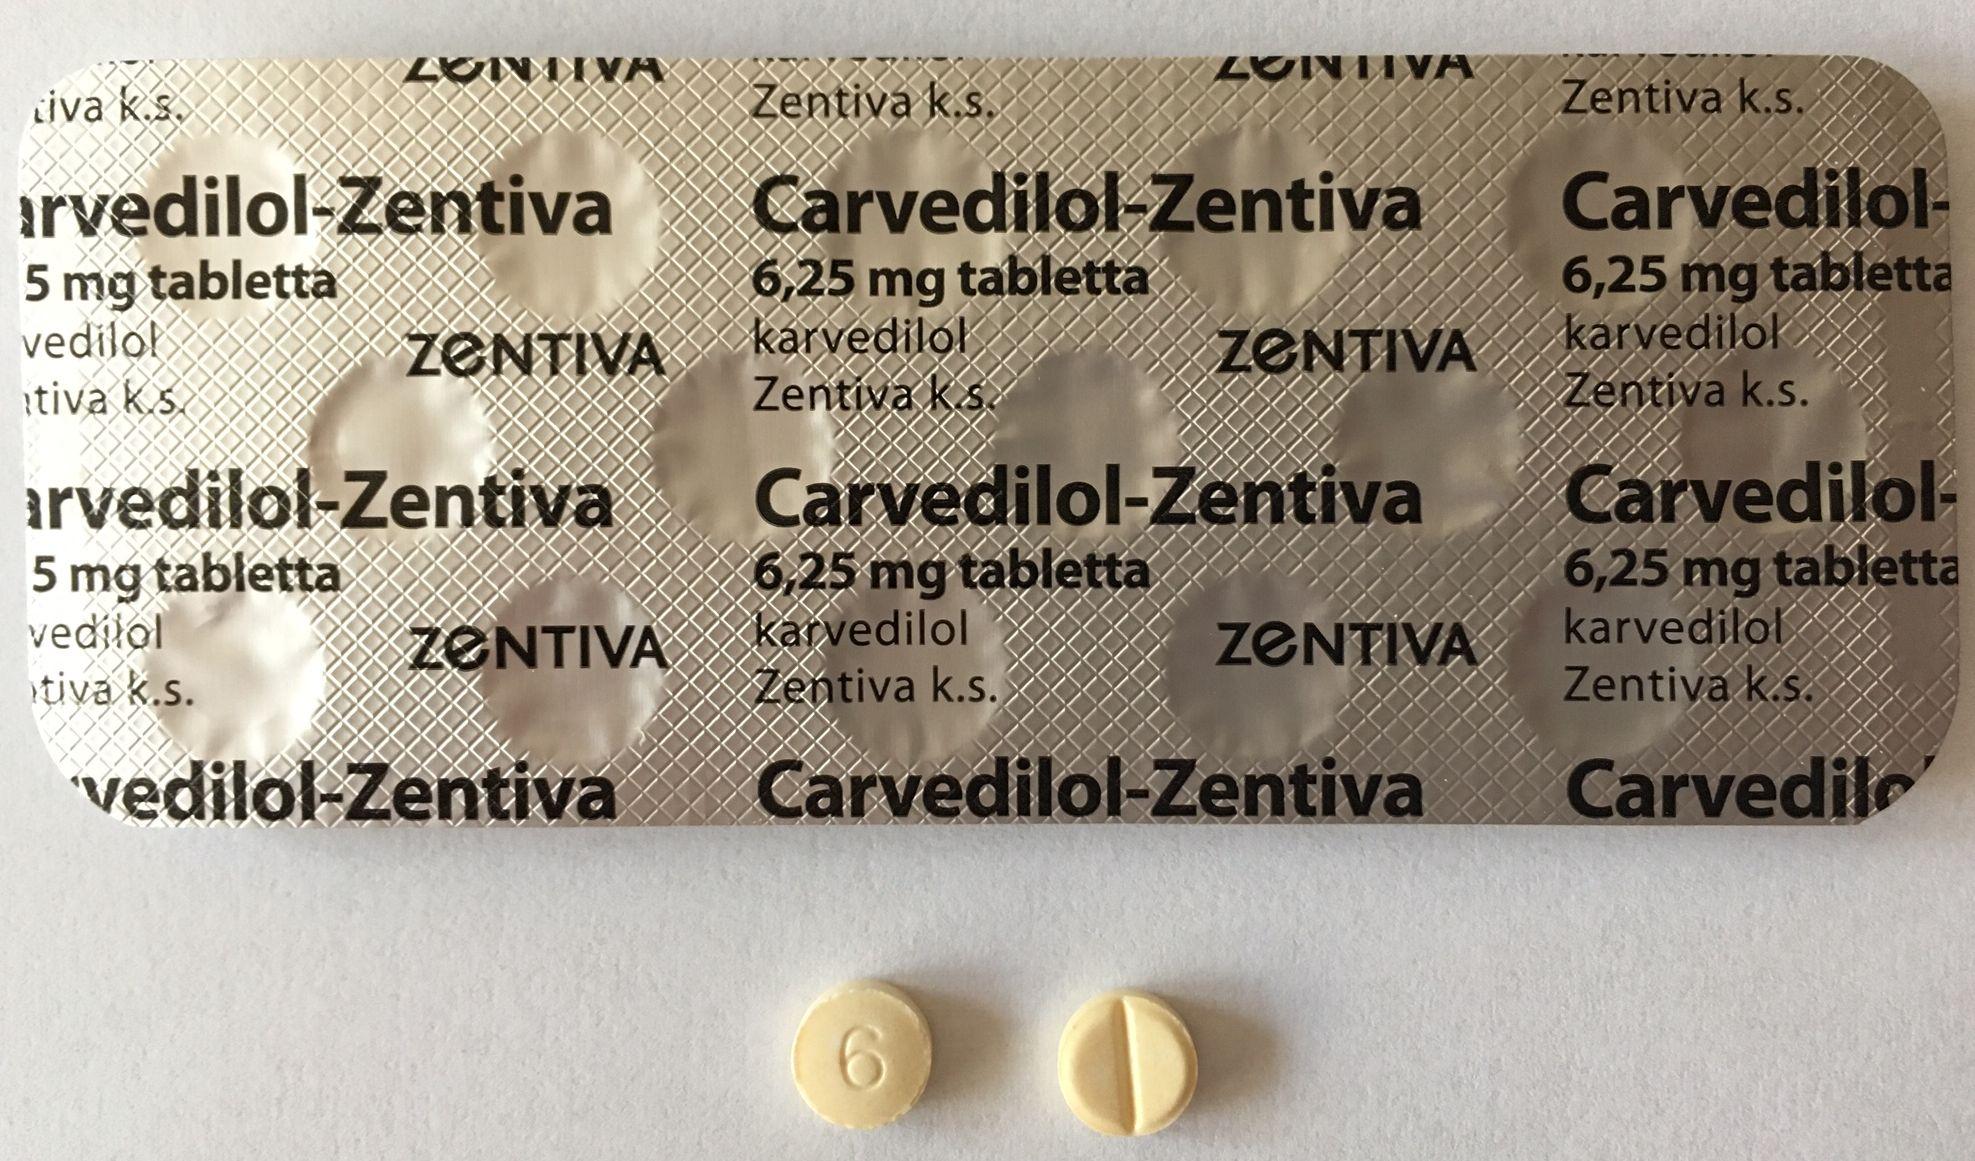 A vérnyomáscsökkentő gyógyszerek fontosabb mellékhatásai A magas vérnyomás elleni legjobb gyógyszer